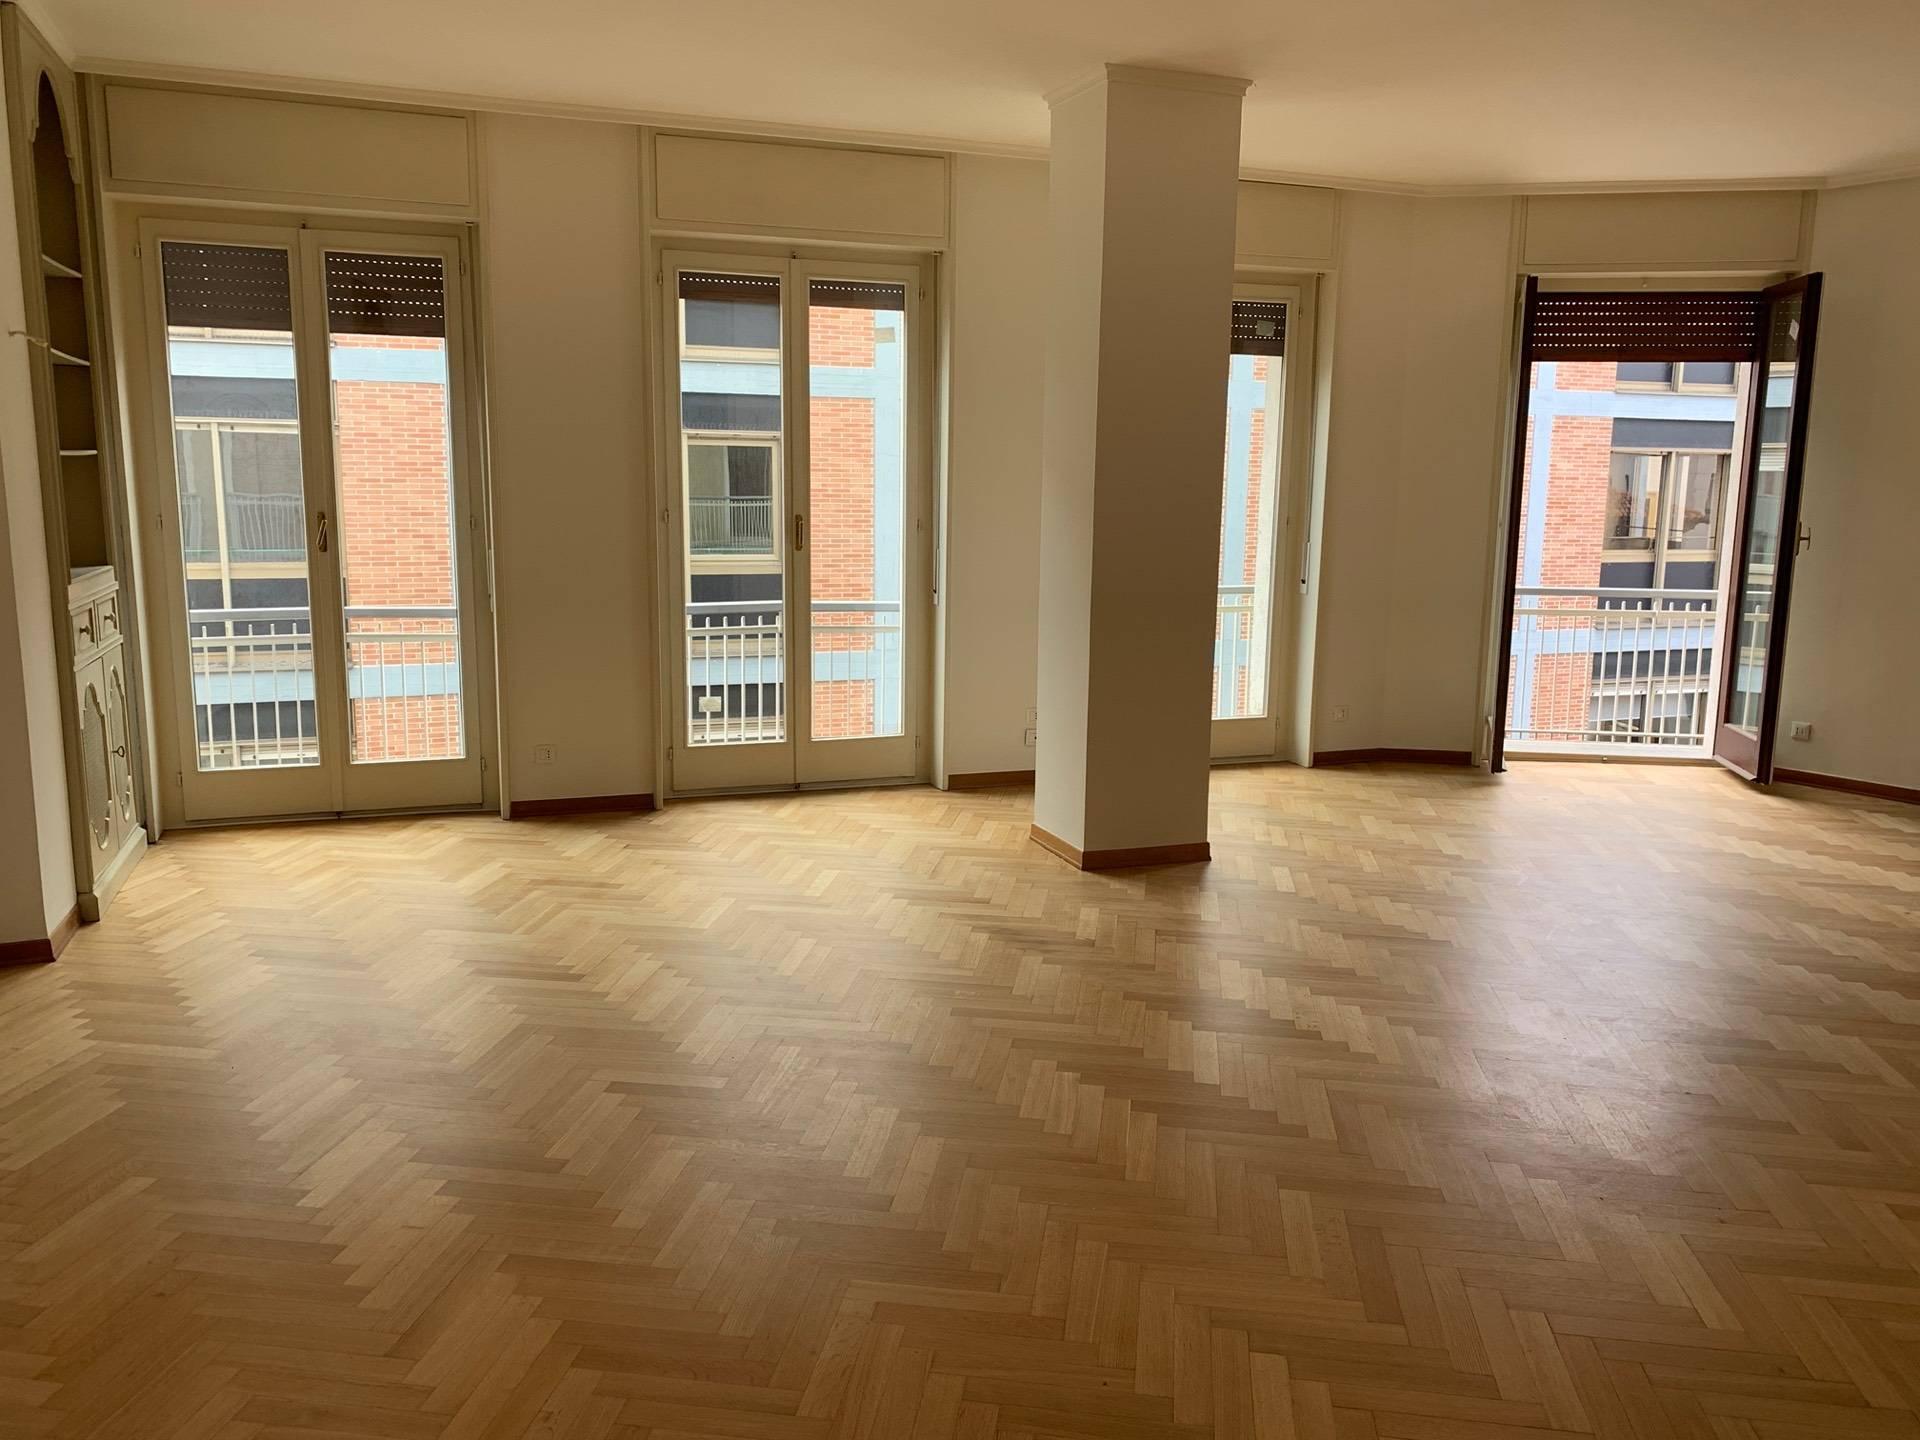 4 Camere o più in Affitto a Treviso - Cod. 3136